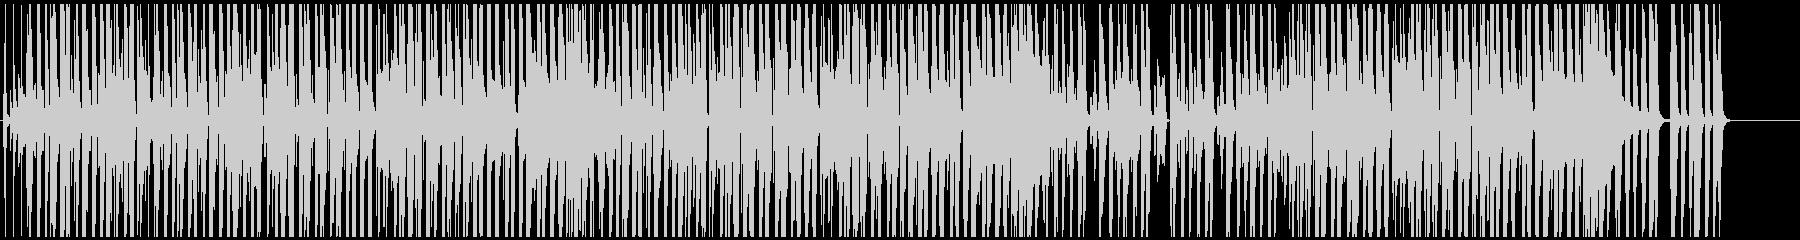 映像BGM ユルめでかわいいレゲエの未再生の波形